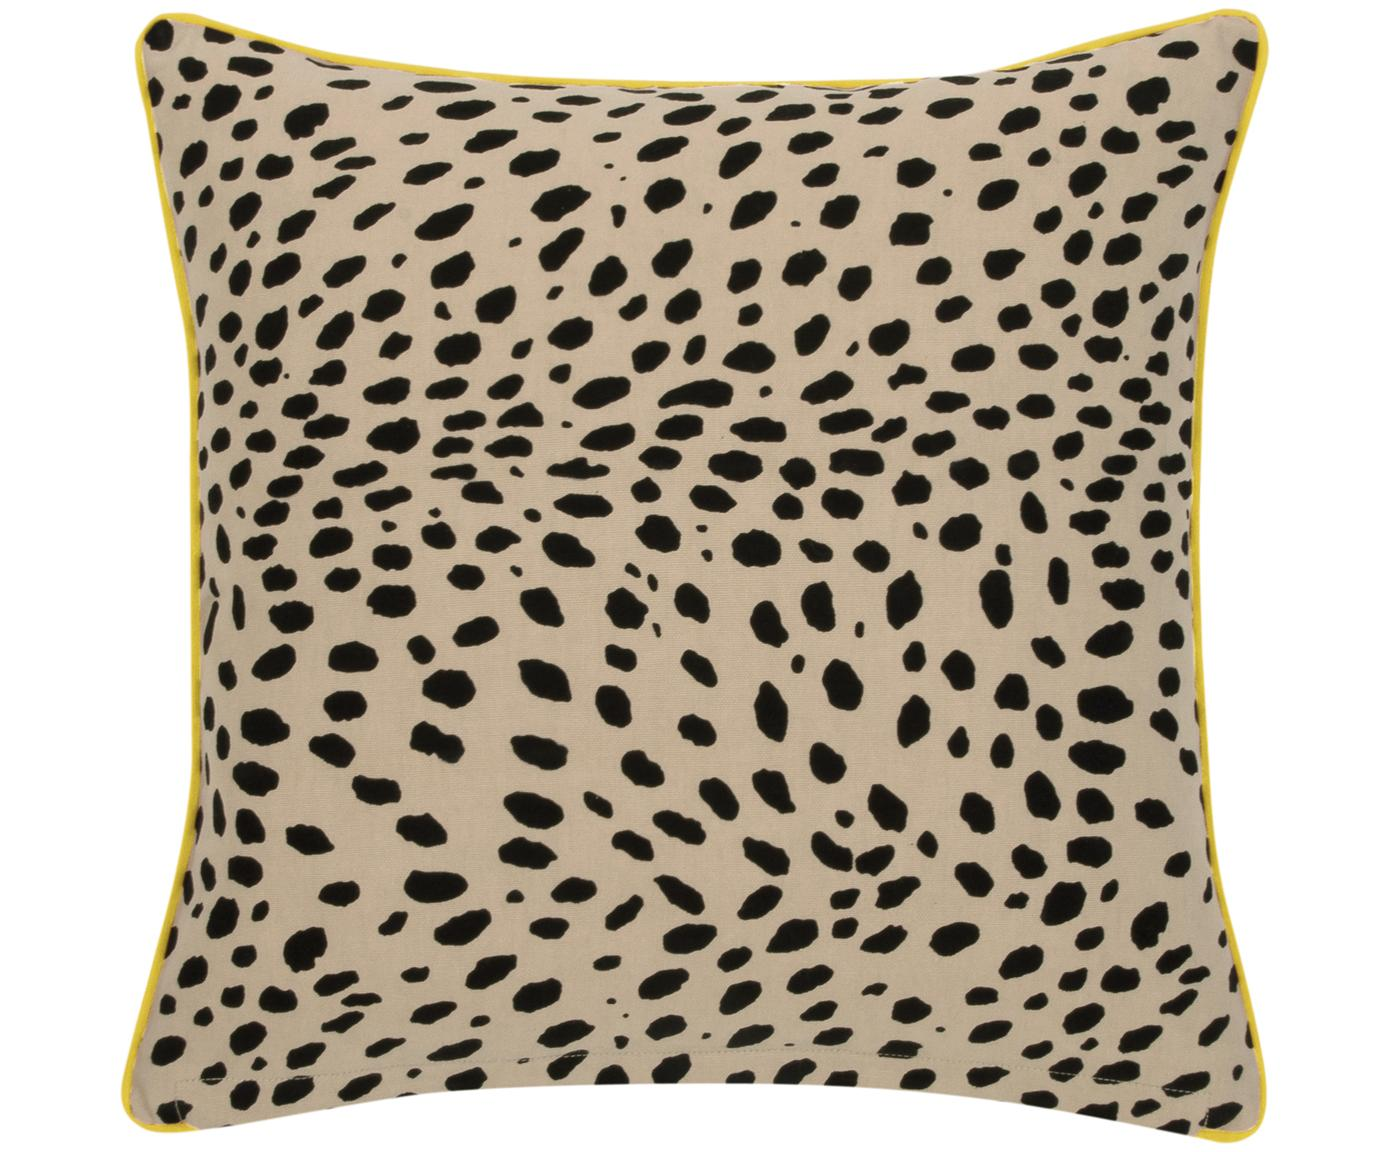 Kussenhoes Leopard, 100% katoen, Beige, zwart, geel, 45 x 45 cm